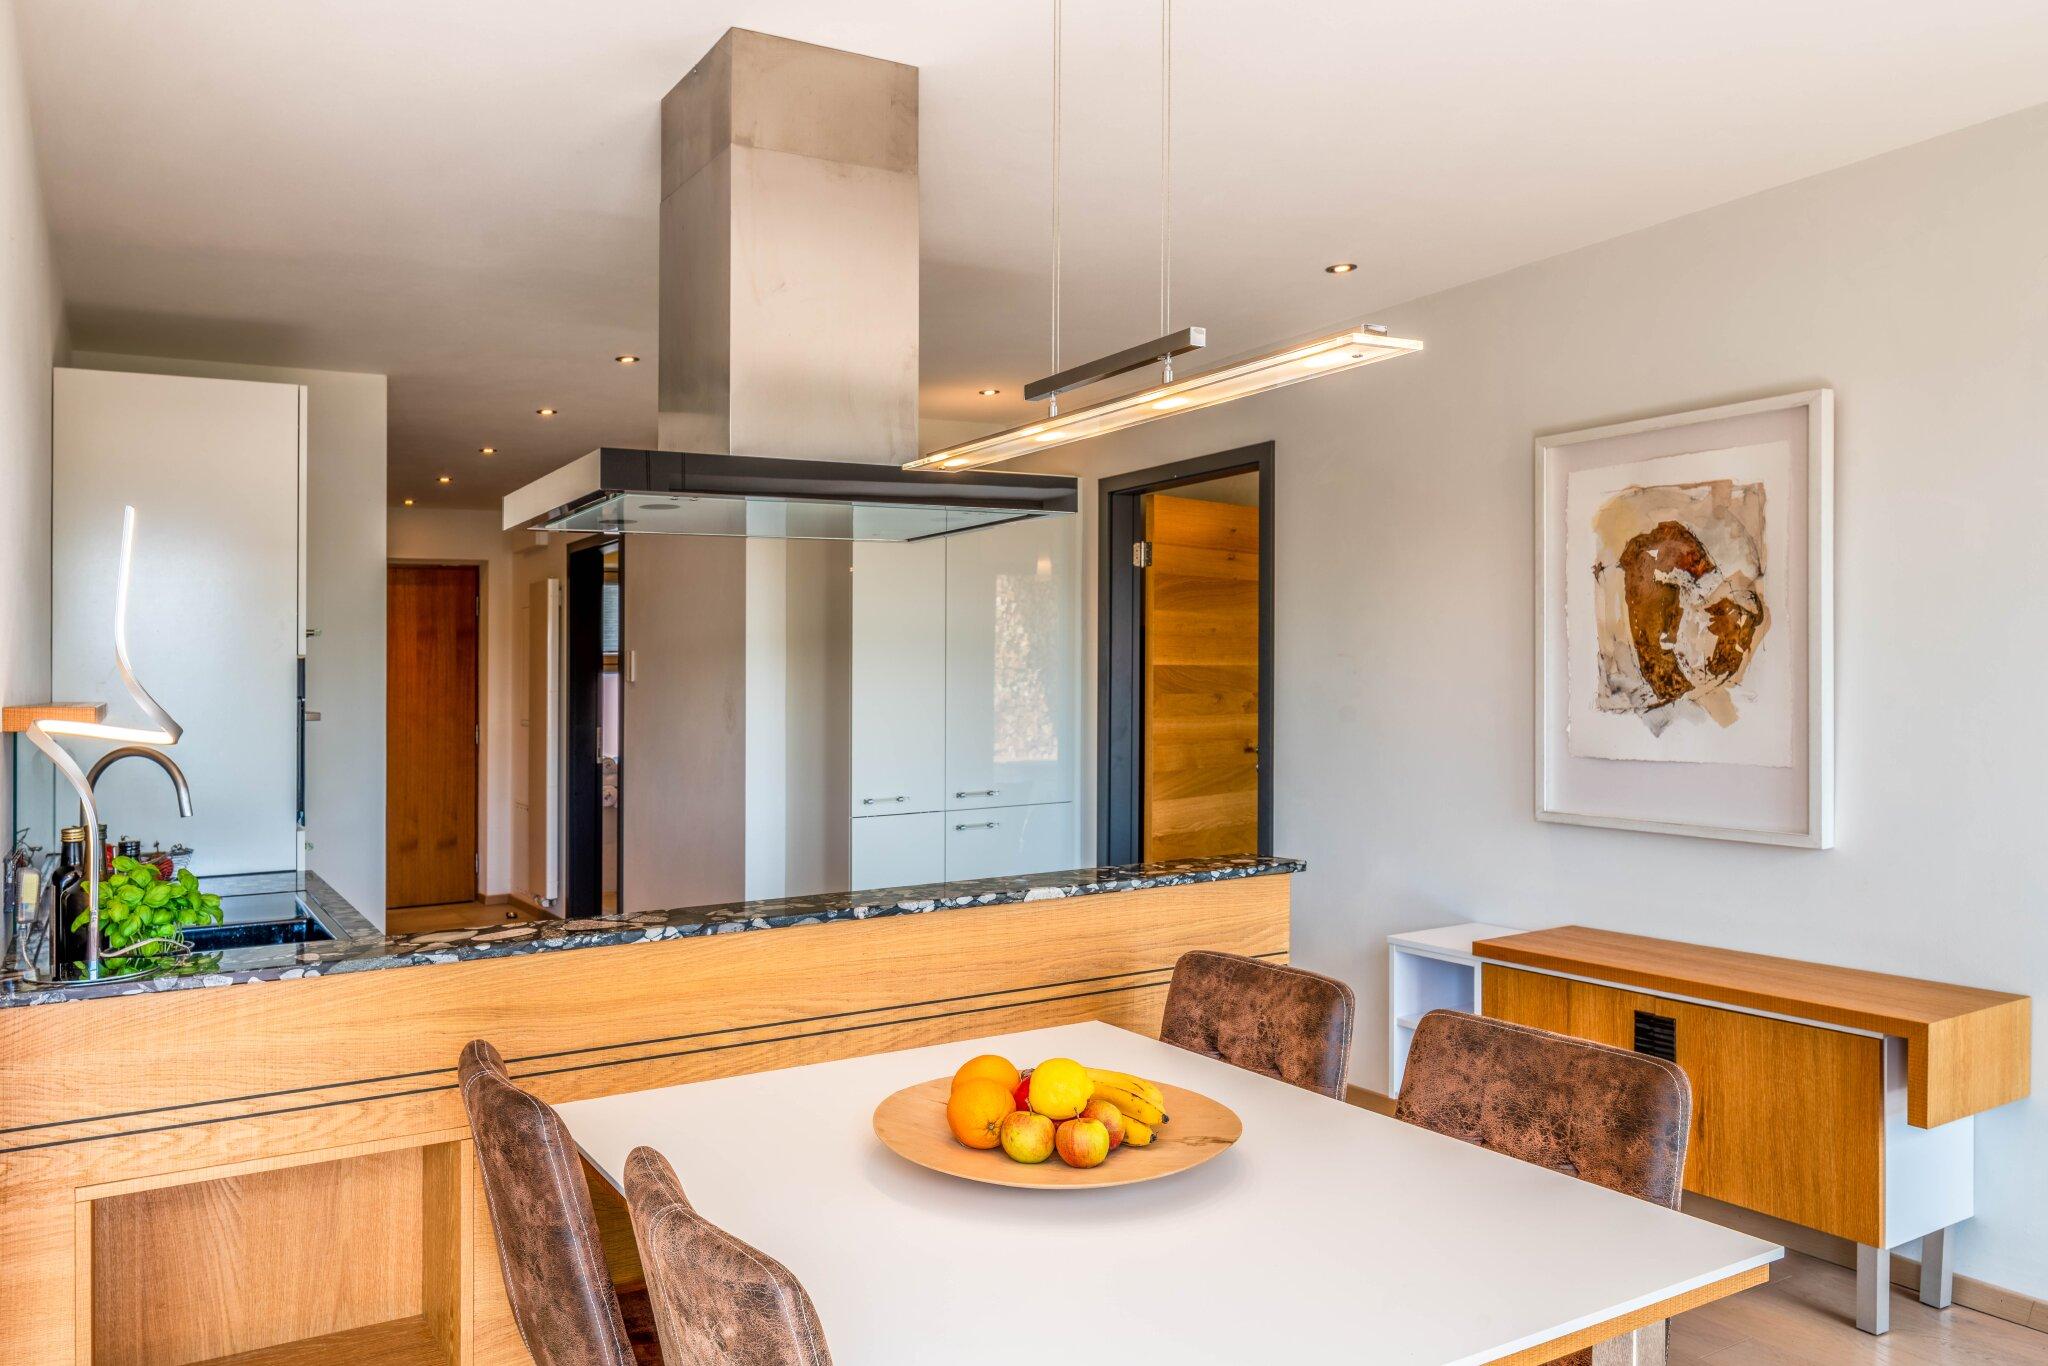 Zusatzbild Nr. 07 von Ferienhaus 'Lebensart am See' - Appartement 'Alpa-art'